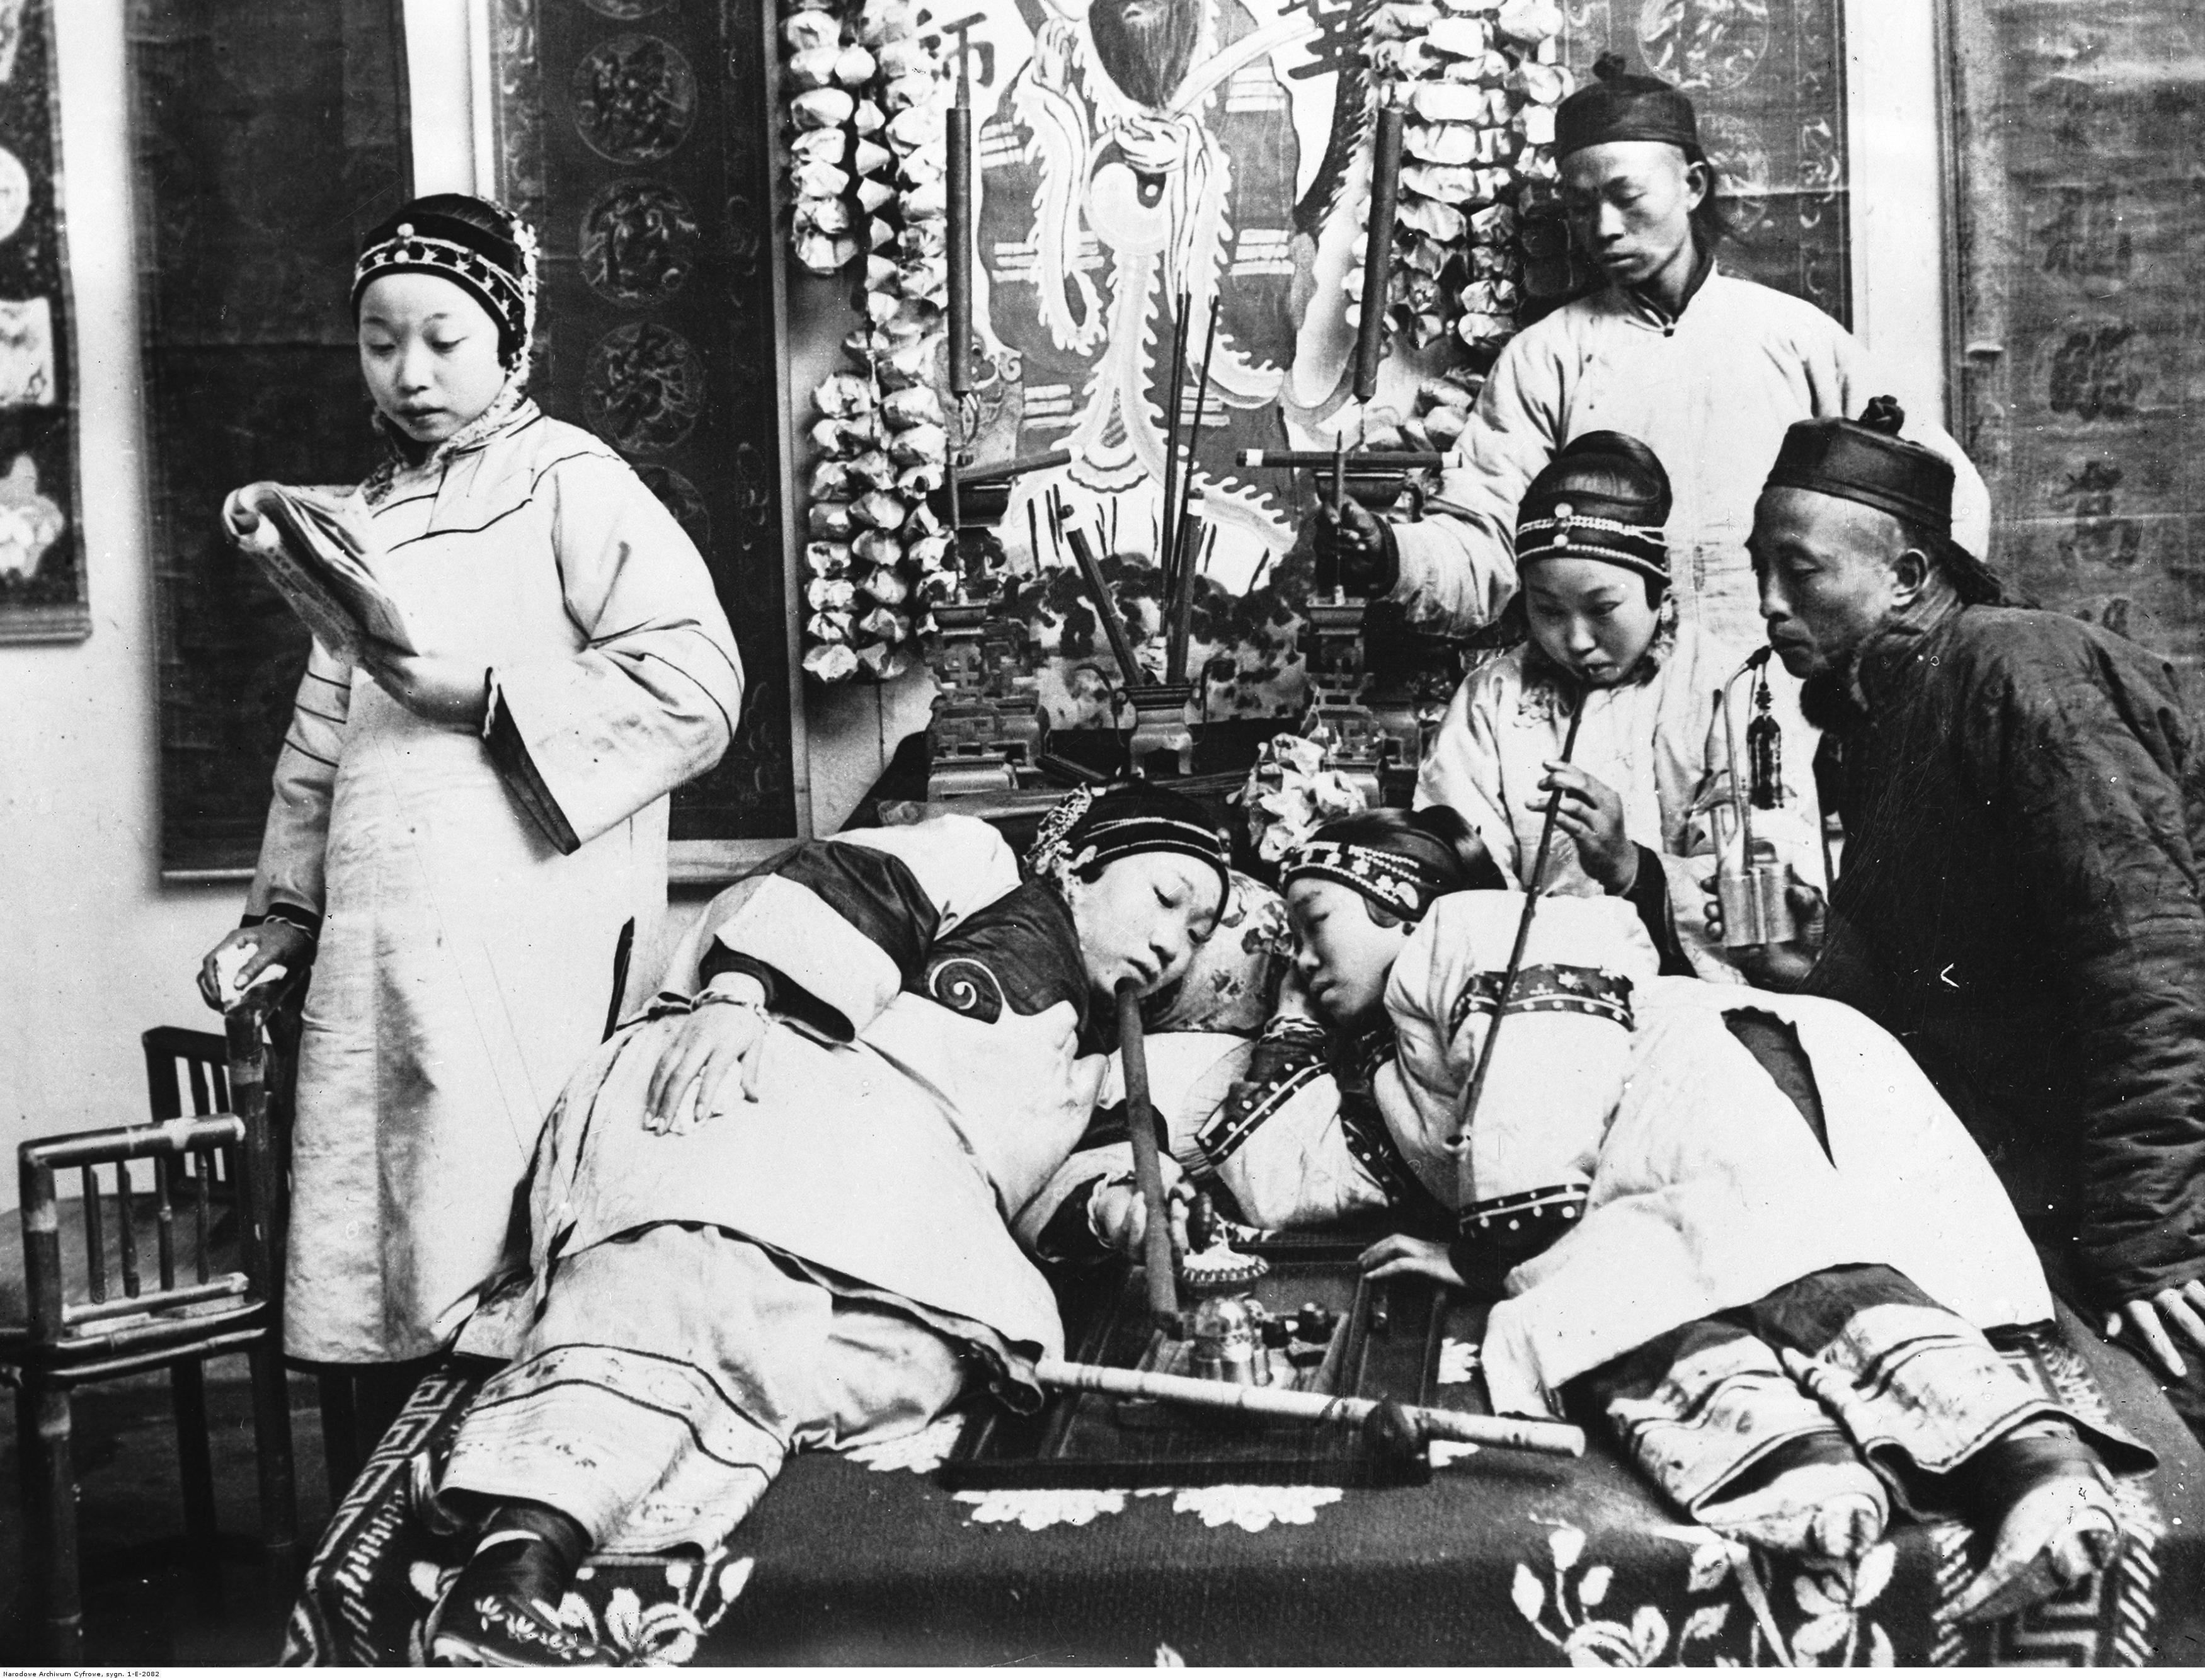 File:Opium Smokers - Beijing 1932 jpg - Wikimedia Commons